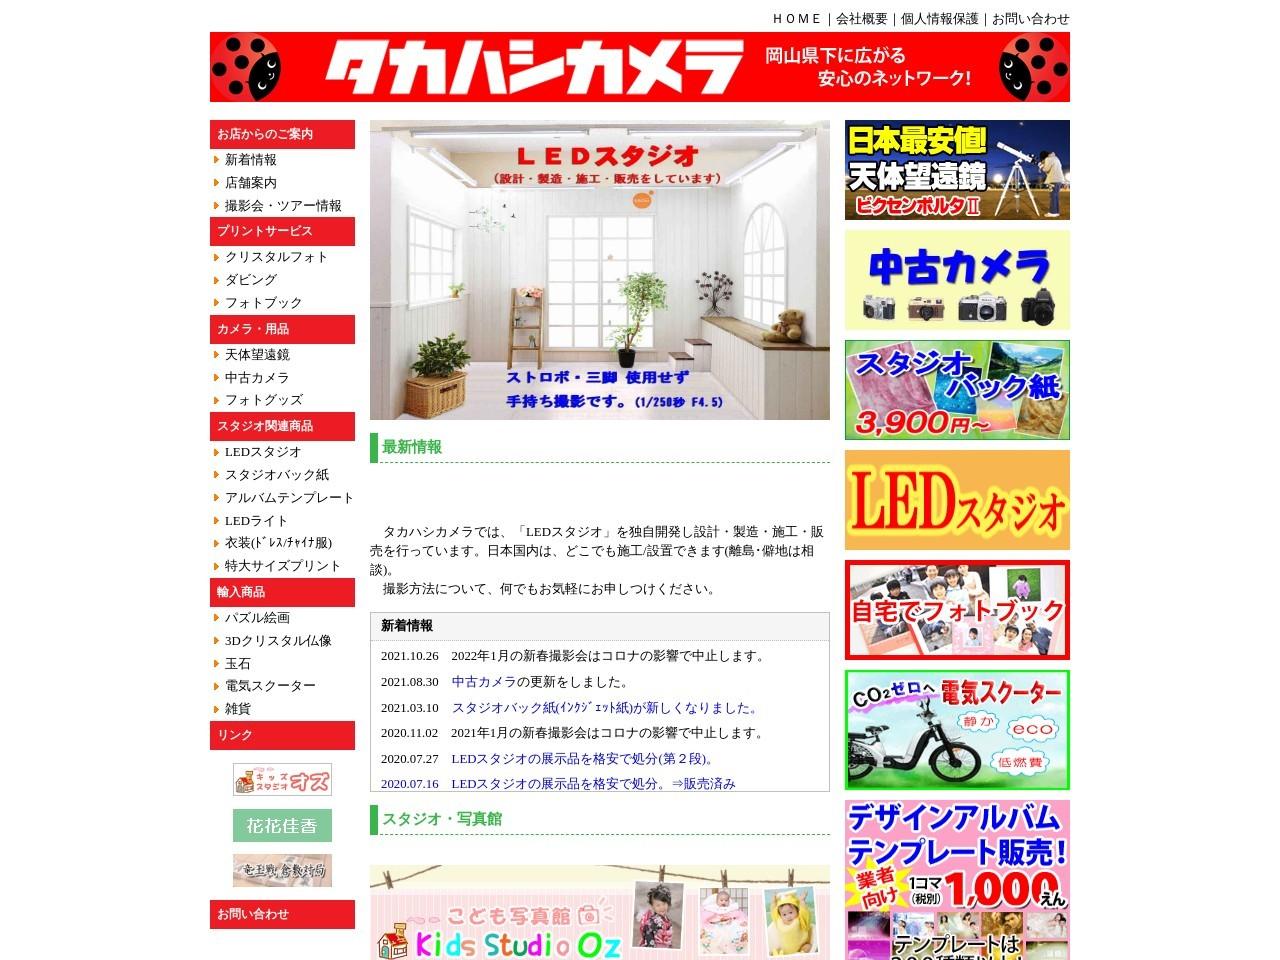 タカハシカメラ/水島本店